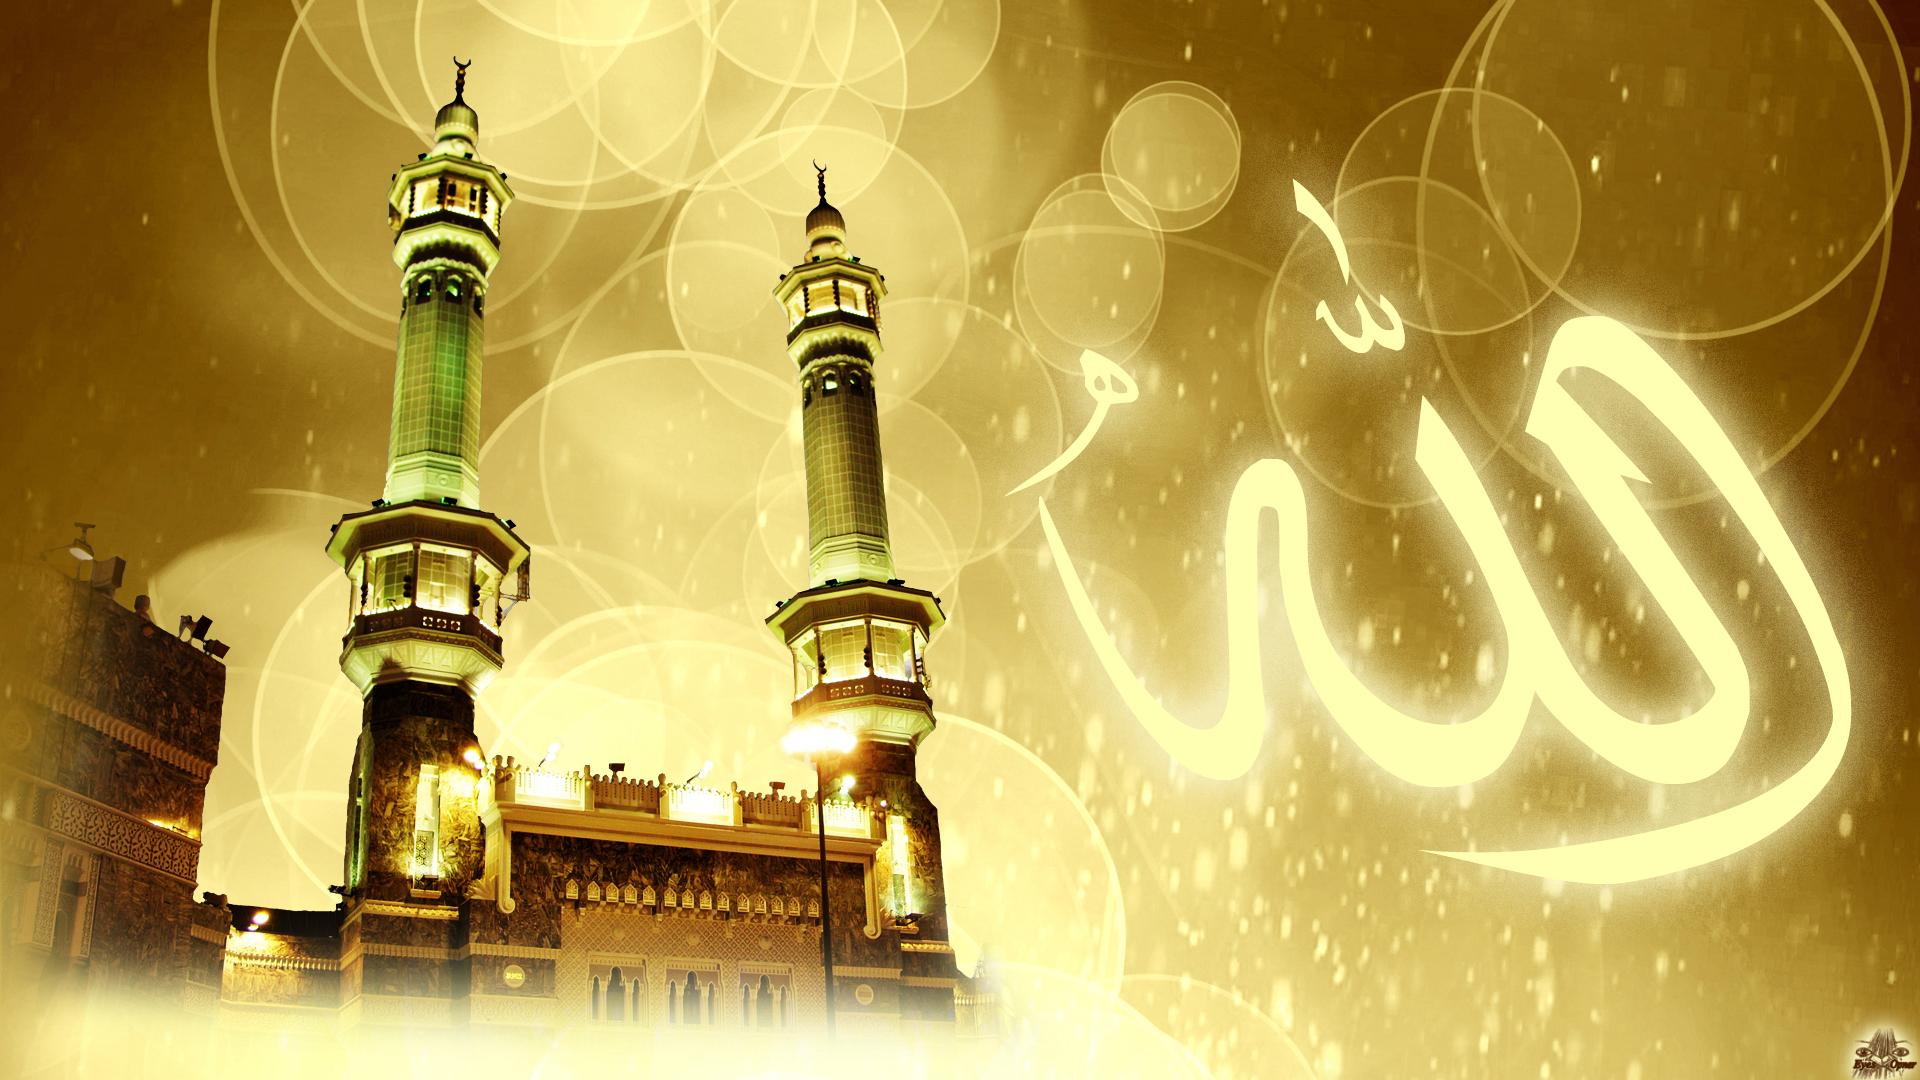 Картинки мечети с надписью, картинки красивые для